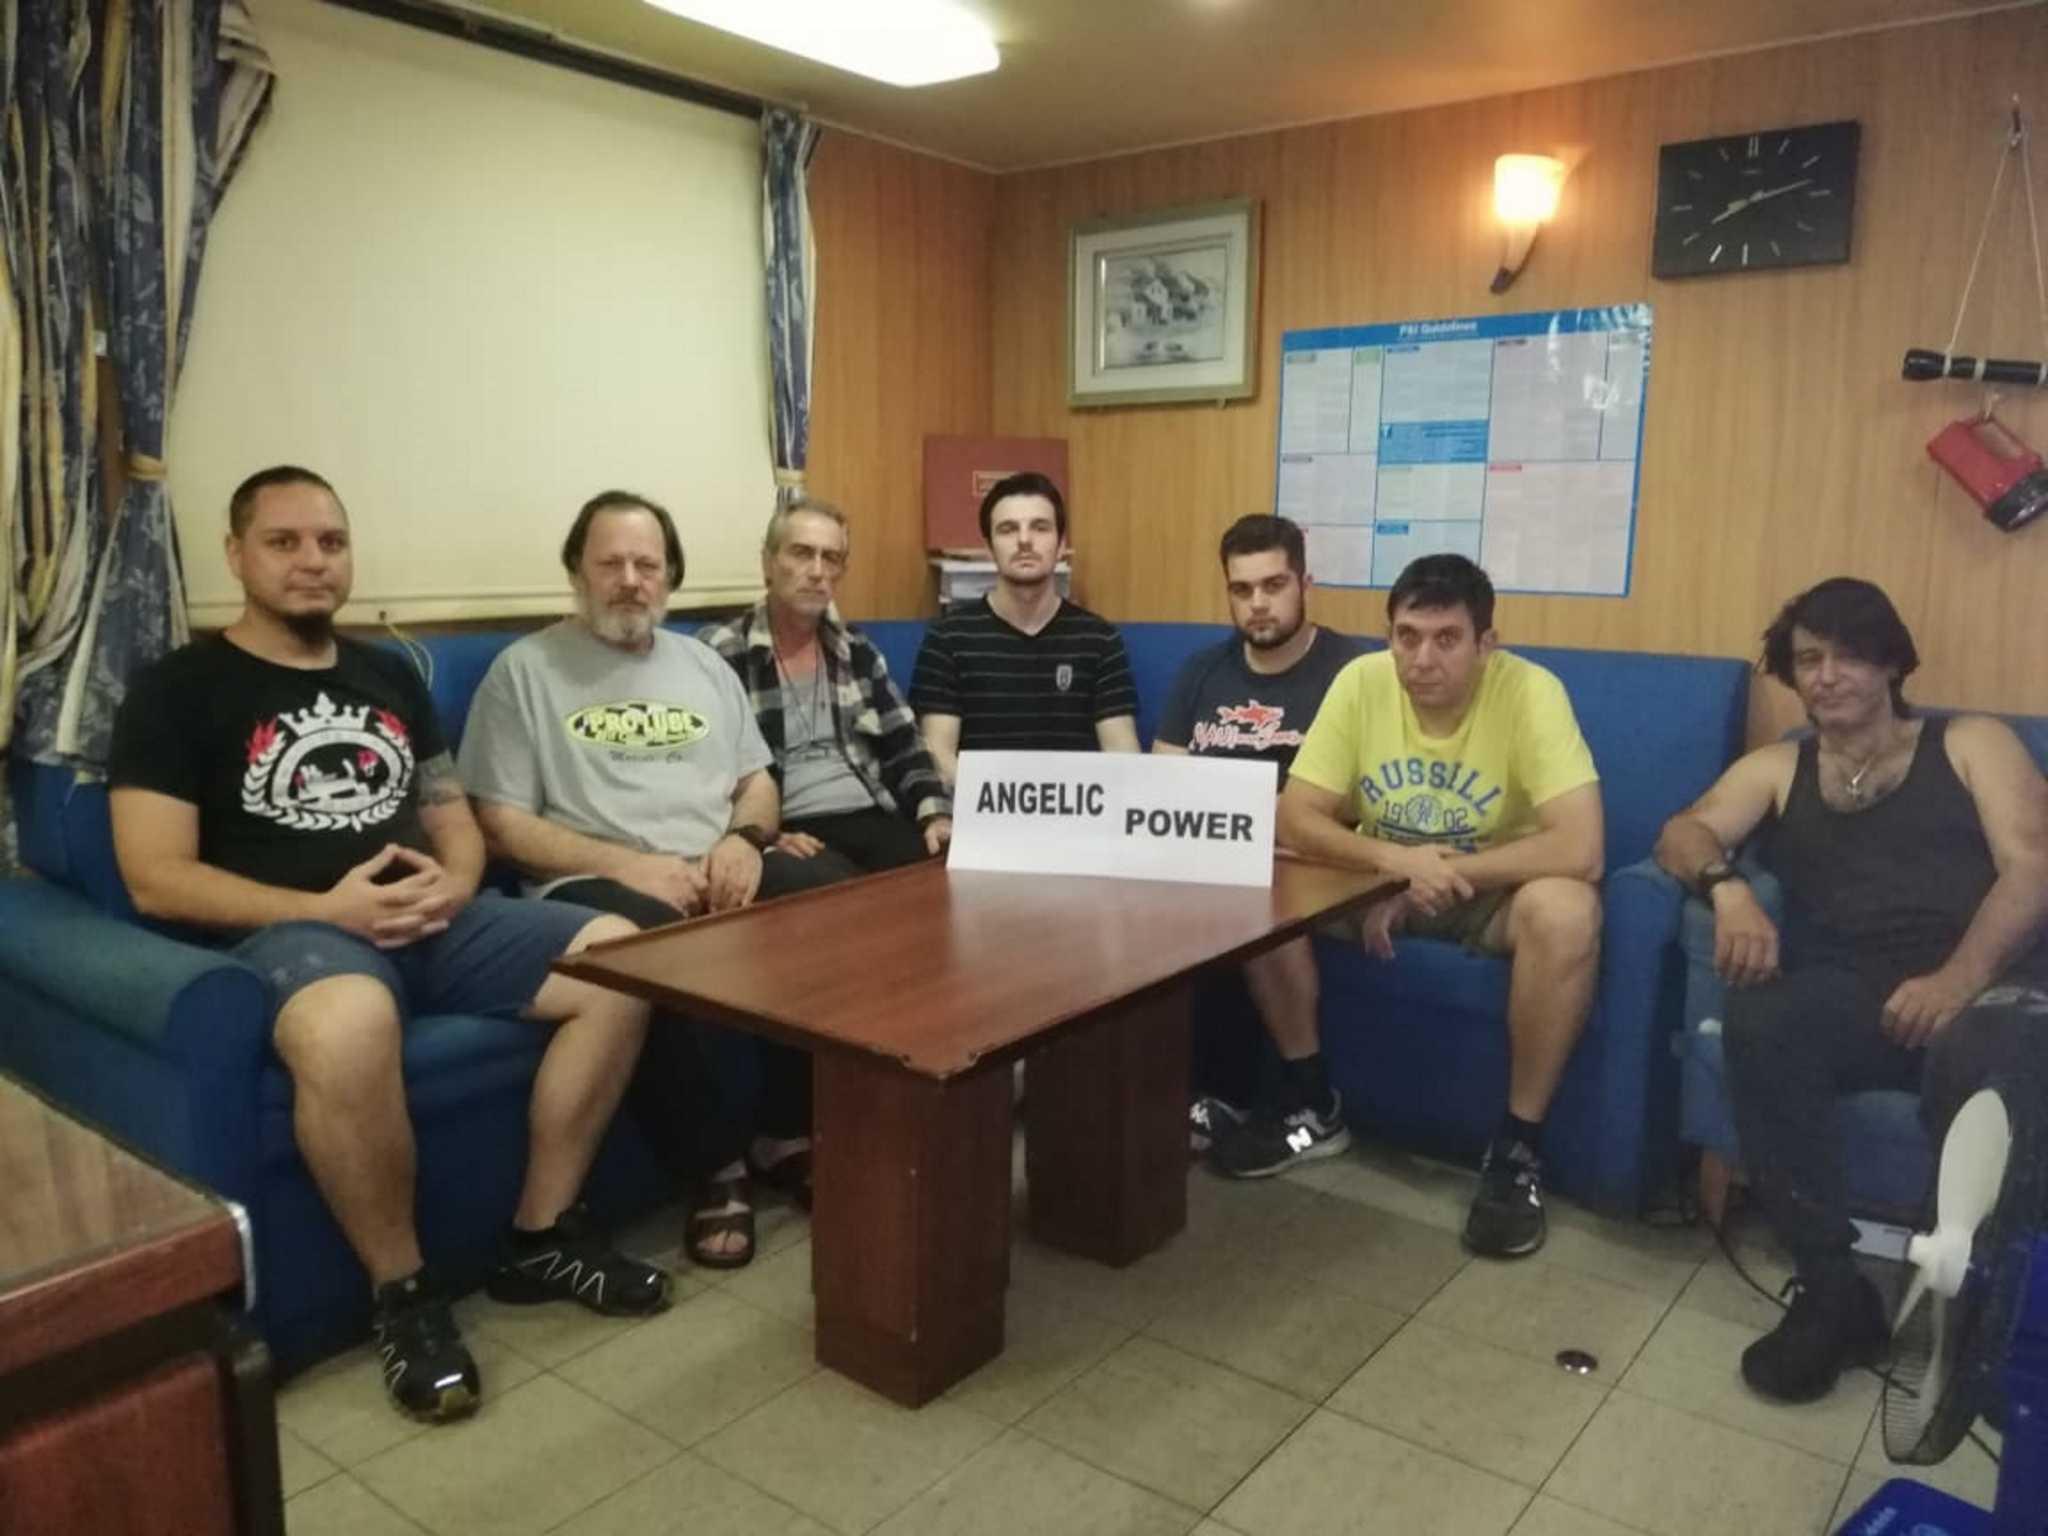 Επιστρέφουν στην Ελλάδα μετά από 15 μήνες οι εγκλωβισμένοι ναυτικοί του Angelic Power